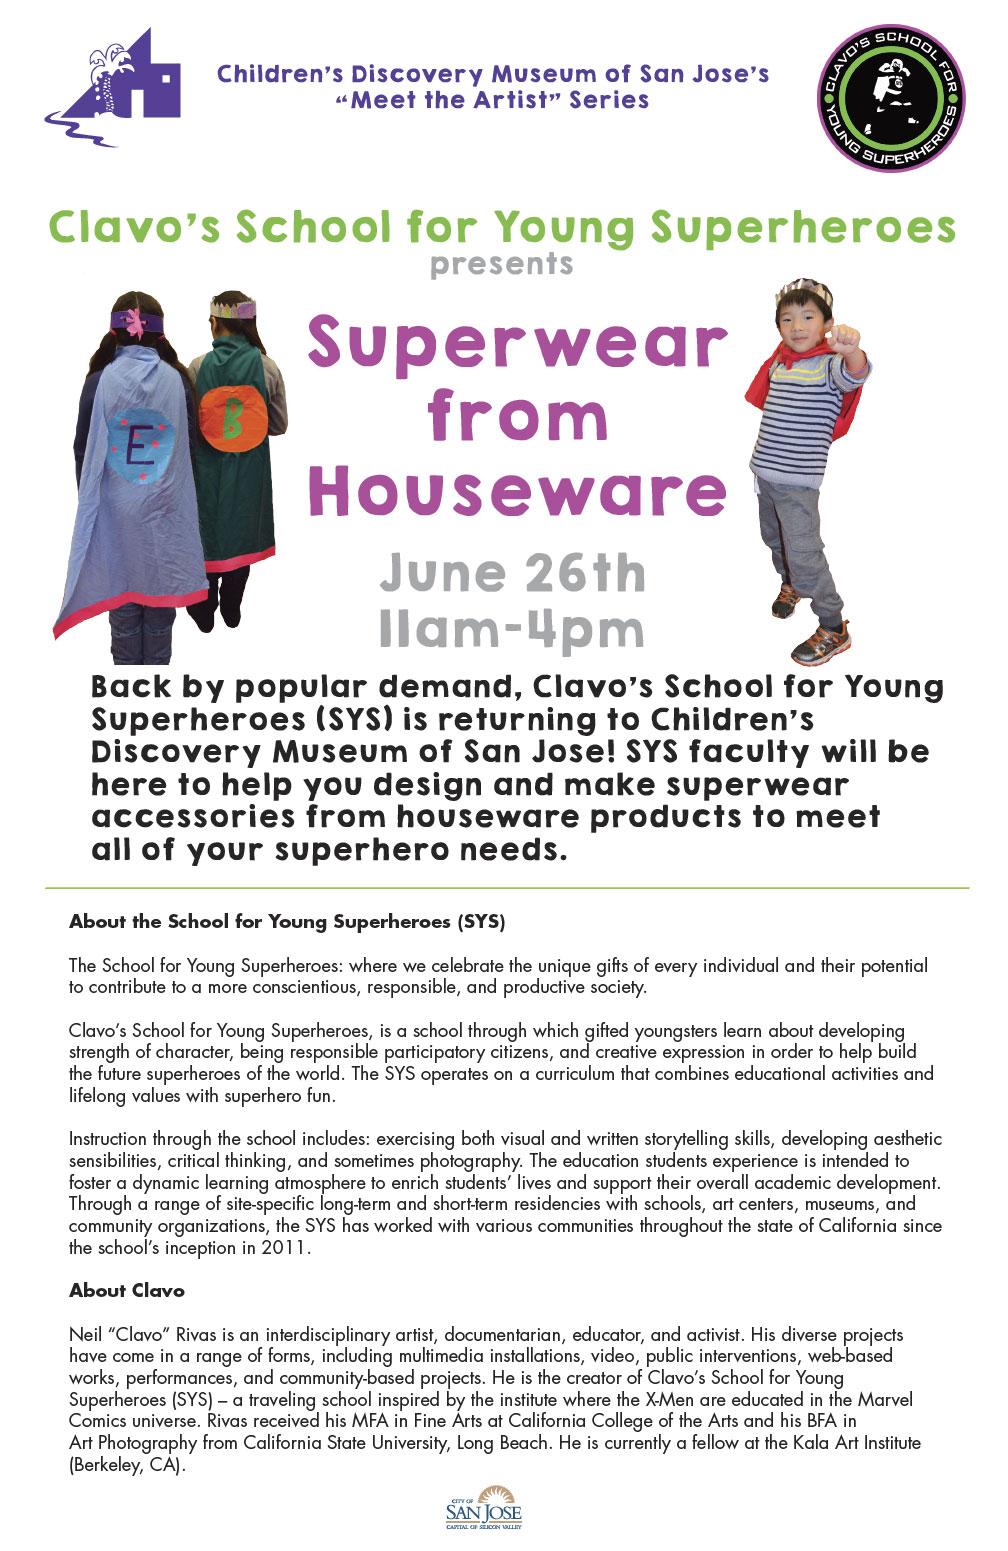 Superwear from Housewear